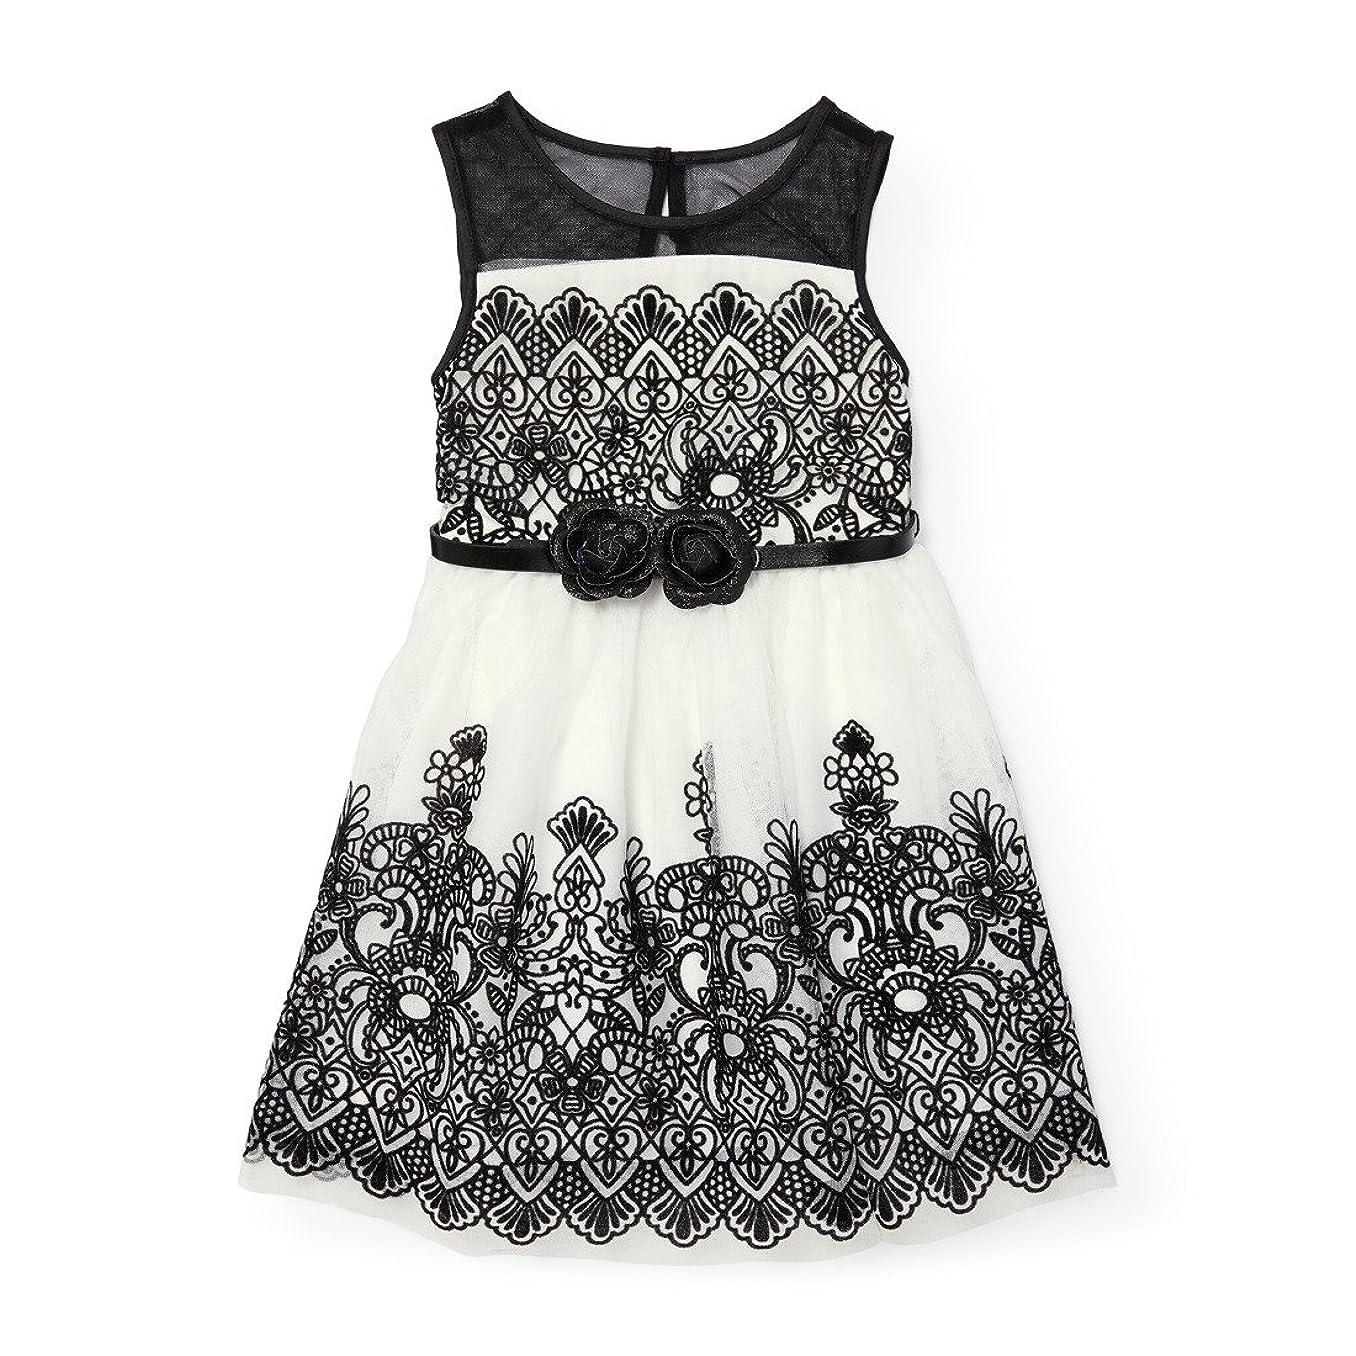 The Children's Place Little Girls' Sleeveless Dressy Dresses